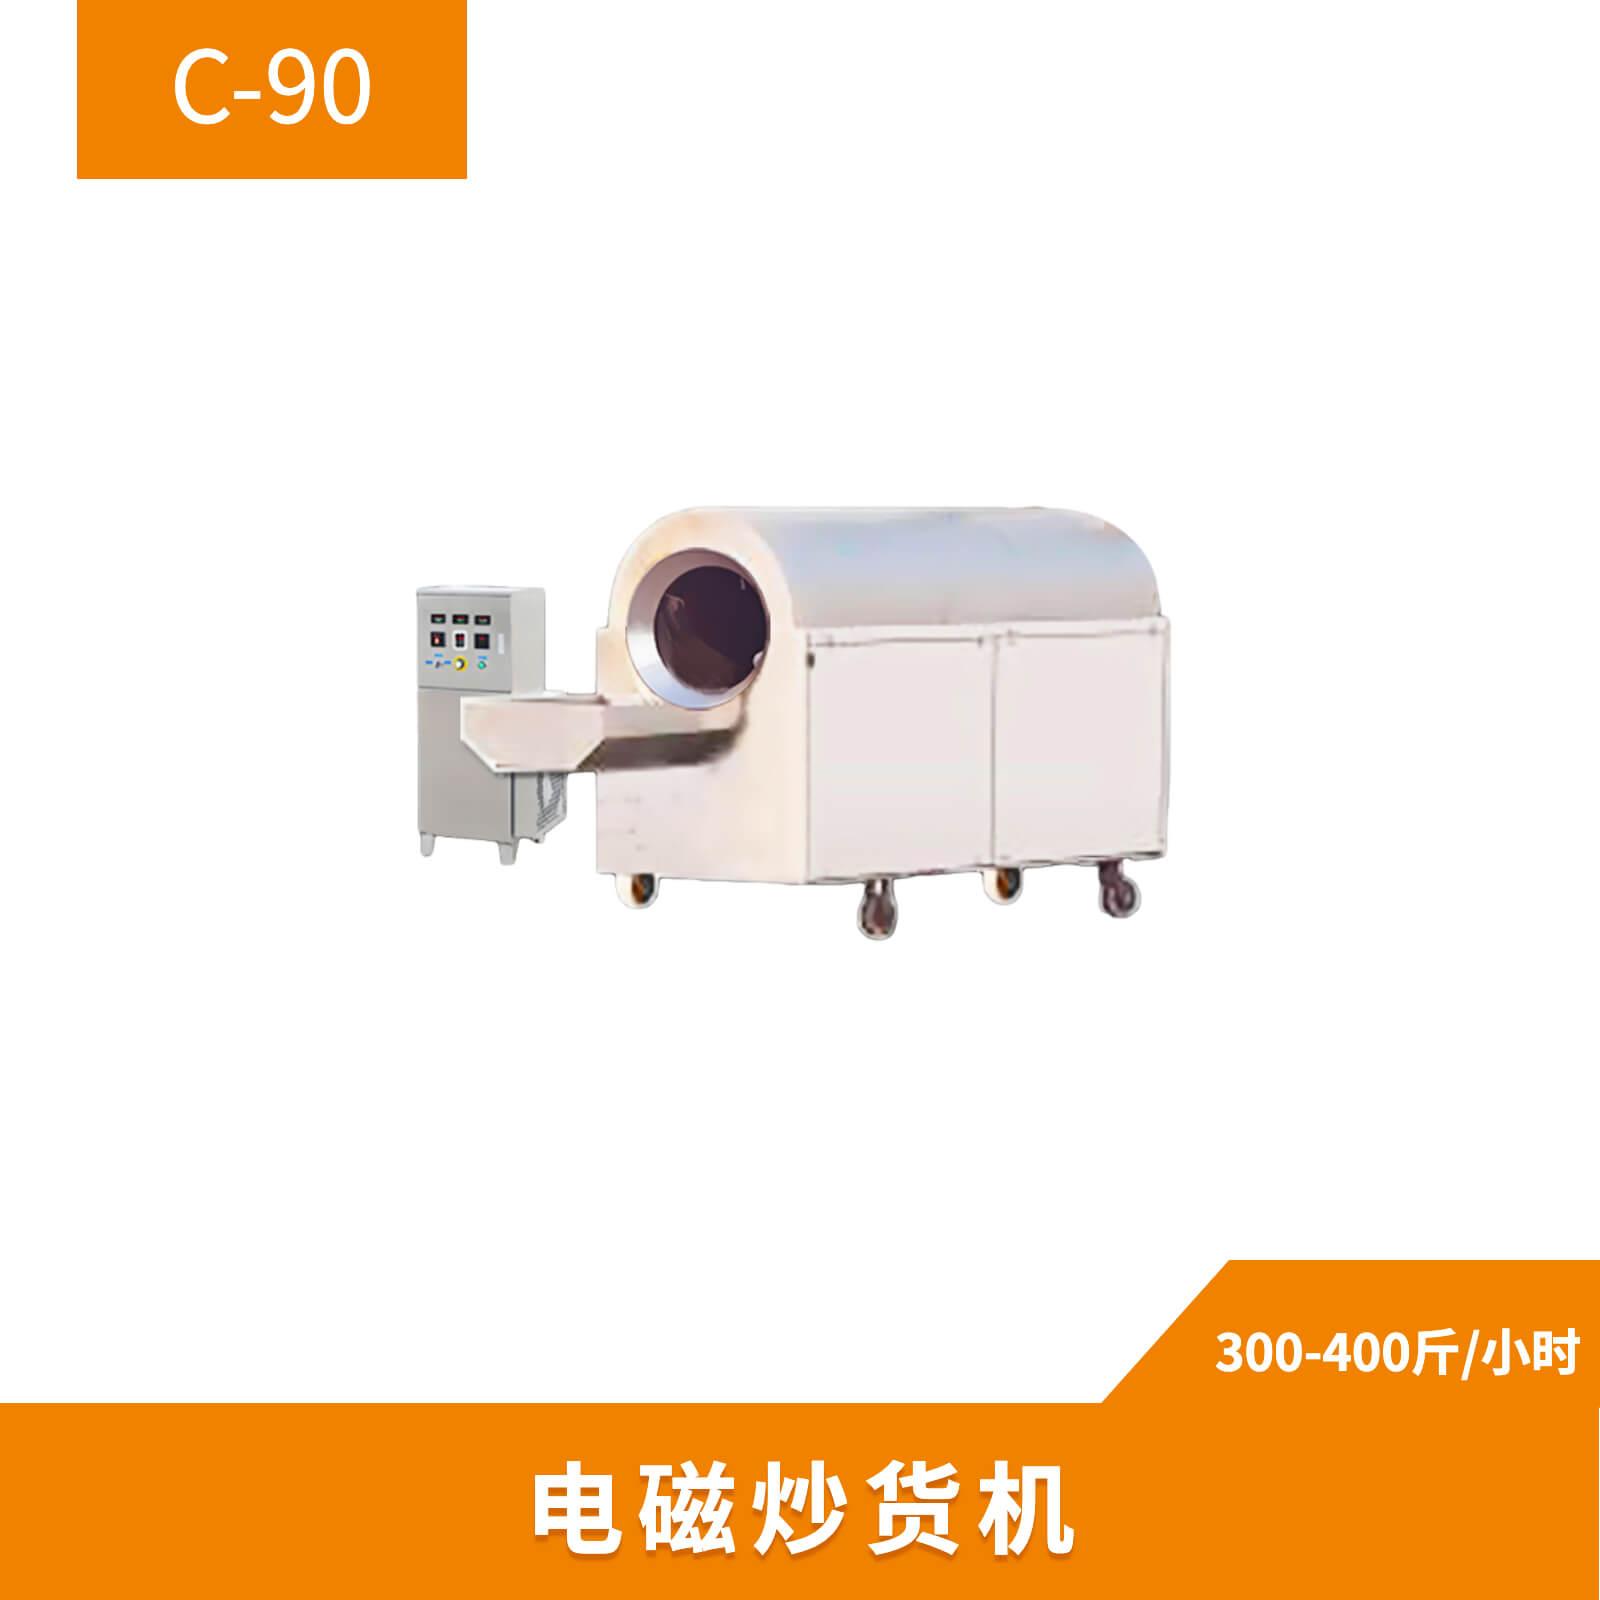 电磁炒货机C-90